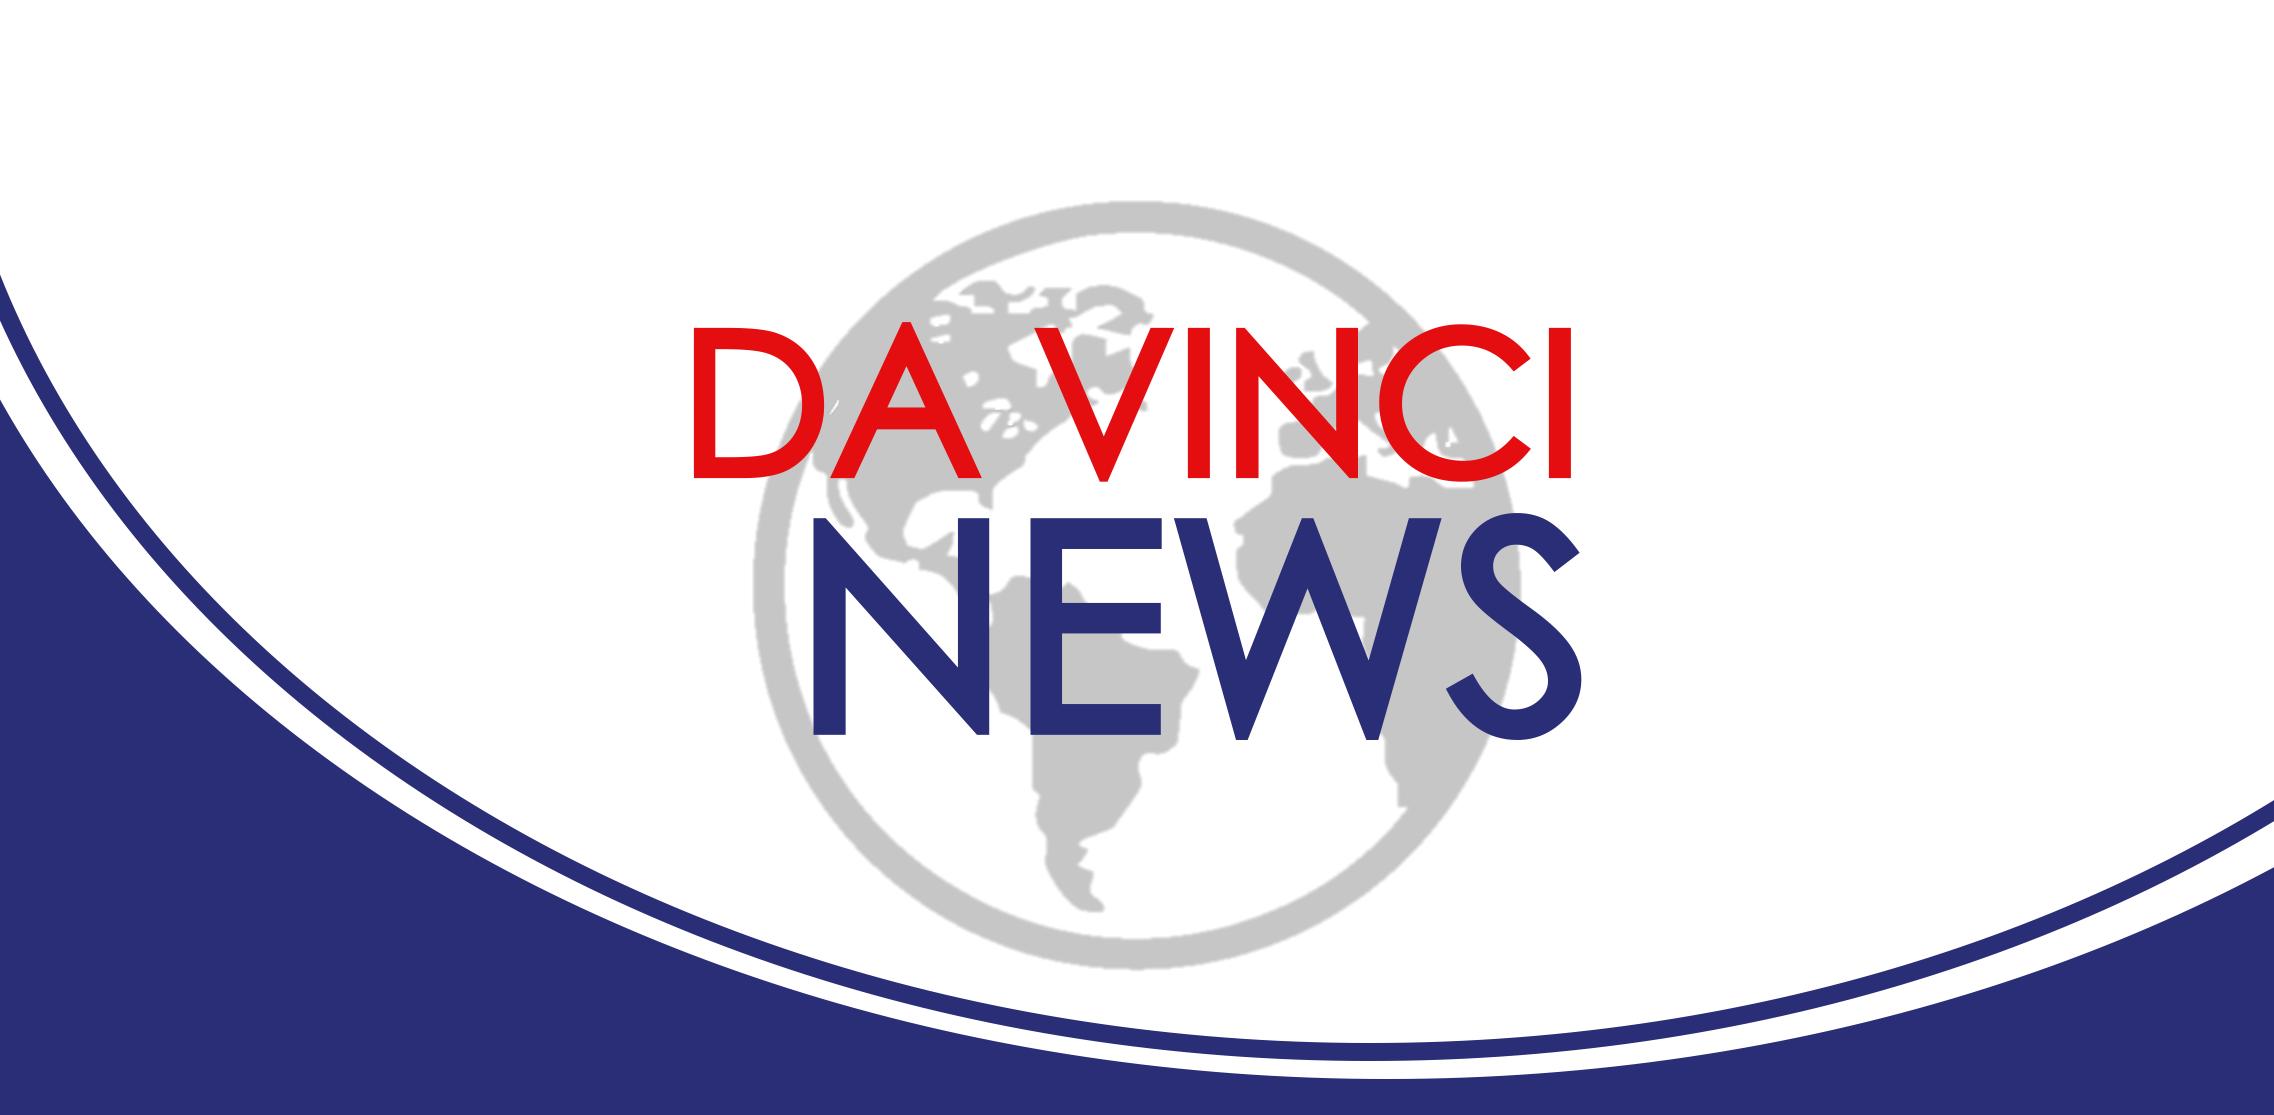 davinci news